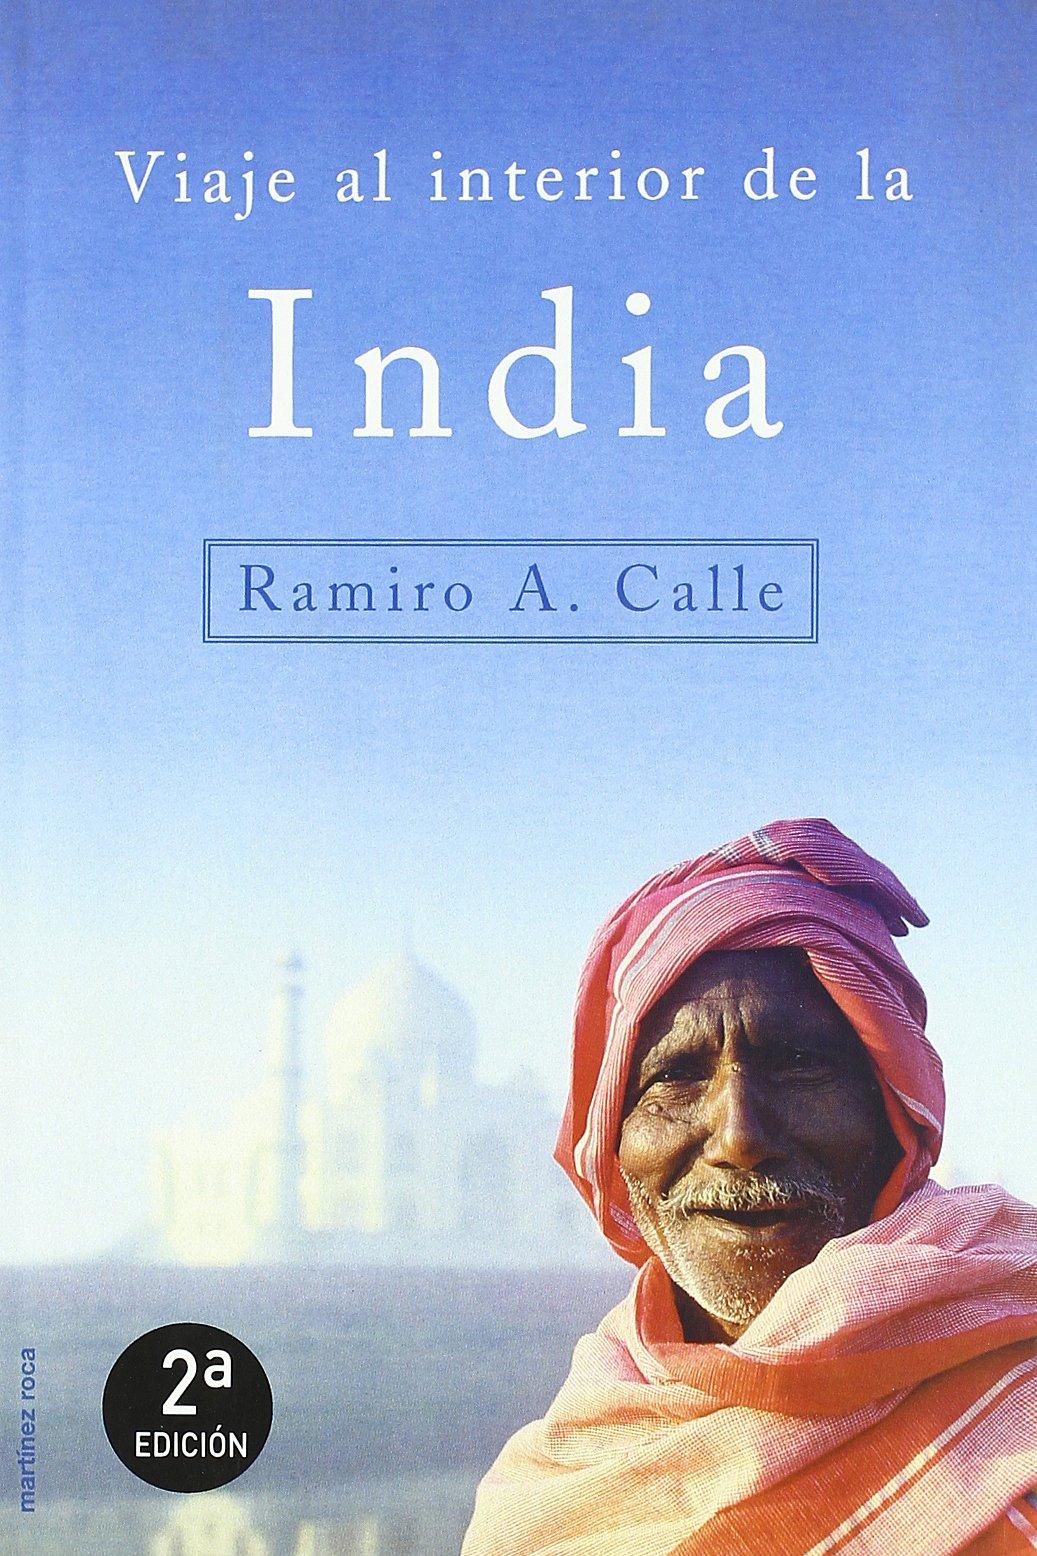 Viaje al interior de la India (MR Literatura de Viajes) Tapa blanda – 15 sep 2001 Ramiro A. Calle Ediciones Martínez Roca 8427027303 General